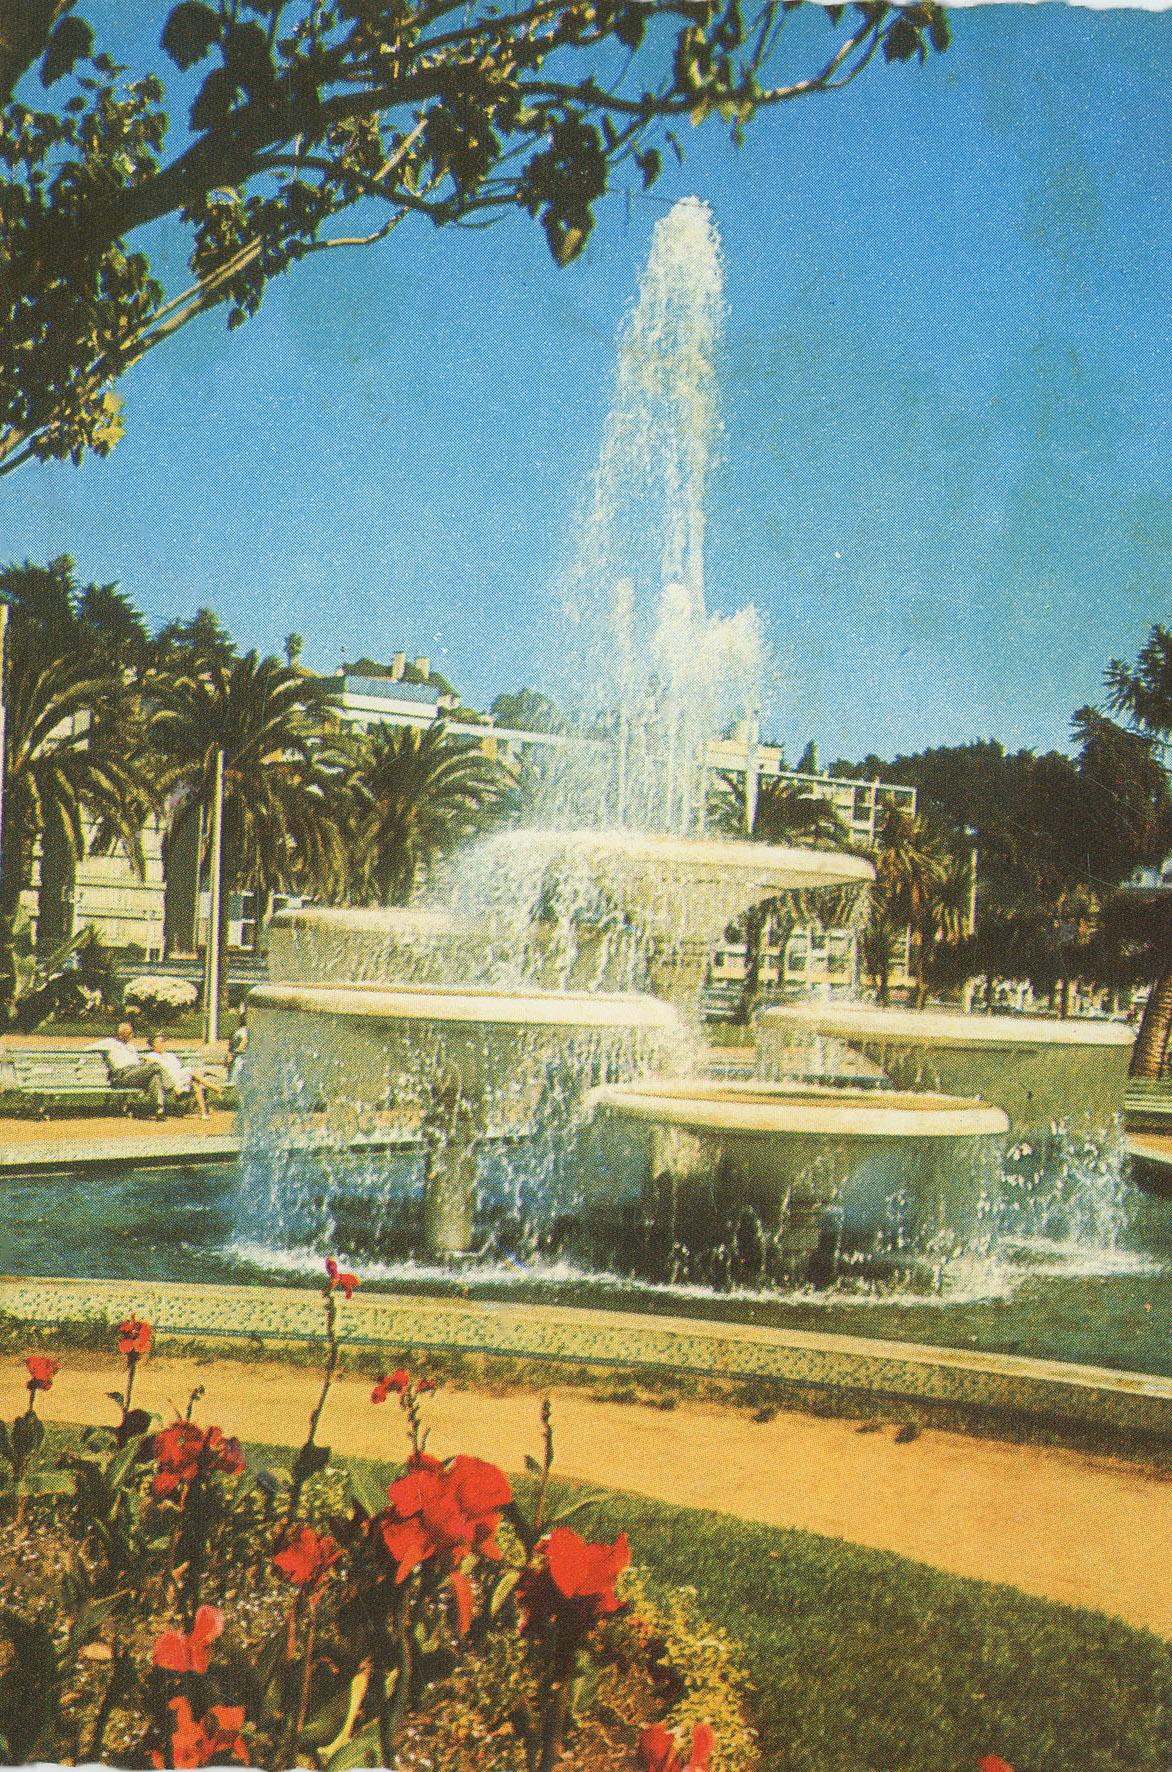 Enterreno - Fotos históricas de chile - fotos antiguas de Chile - Pileta en Plaza México, Viña del Mar en 1960